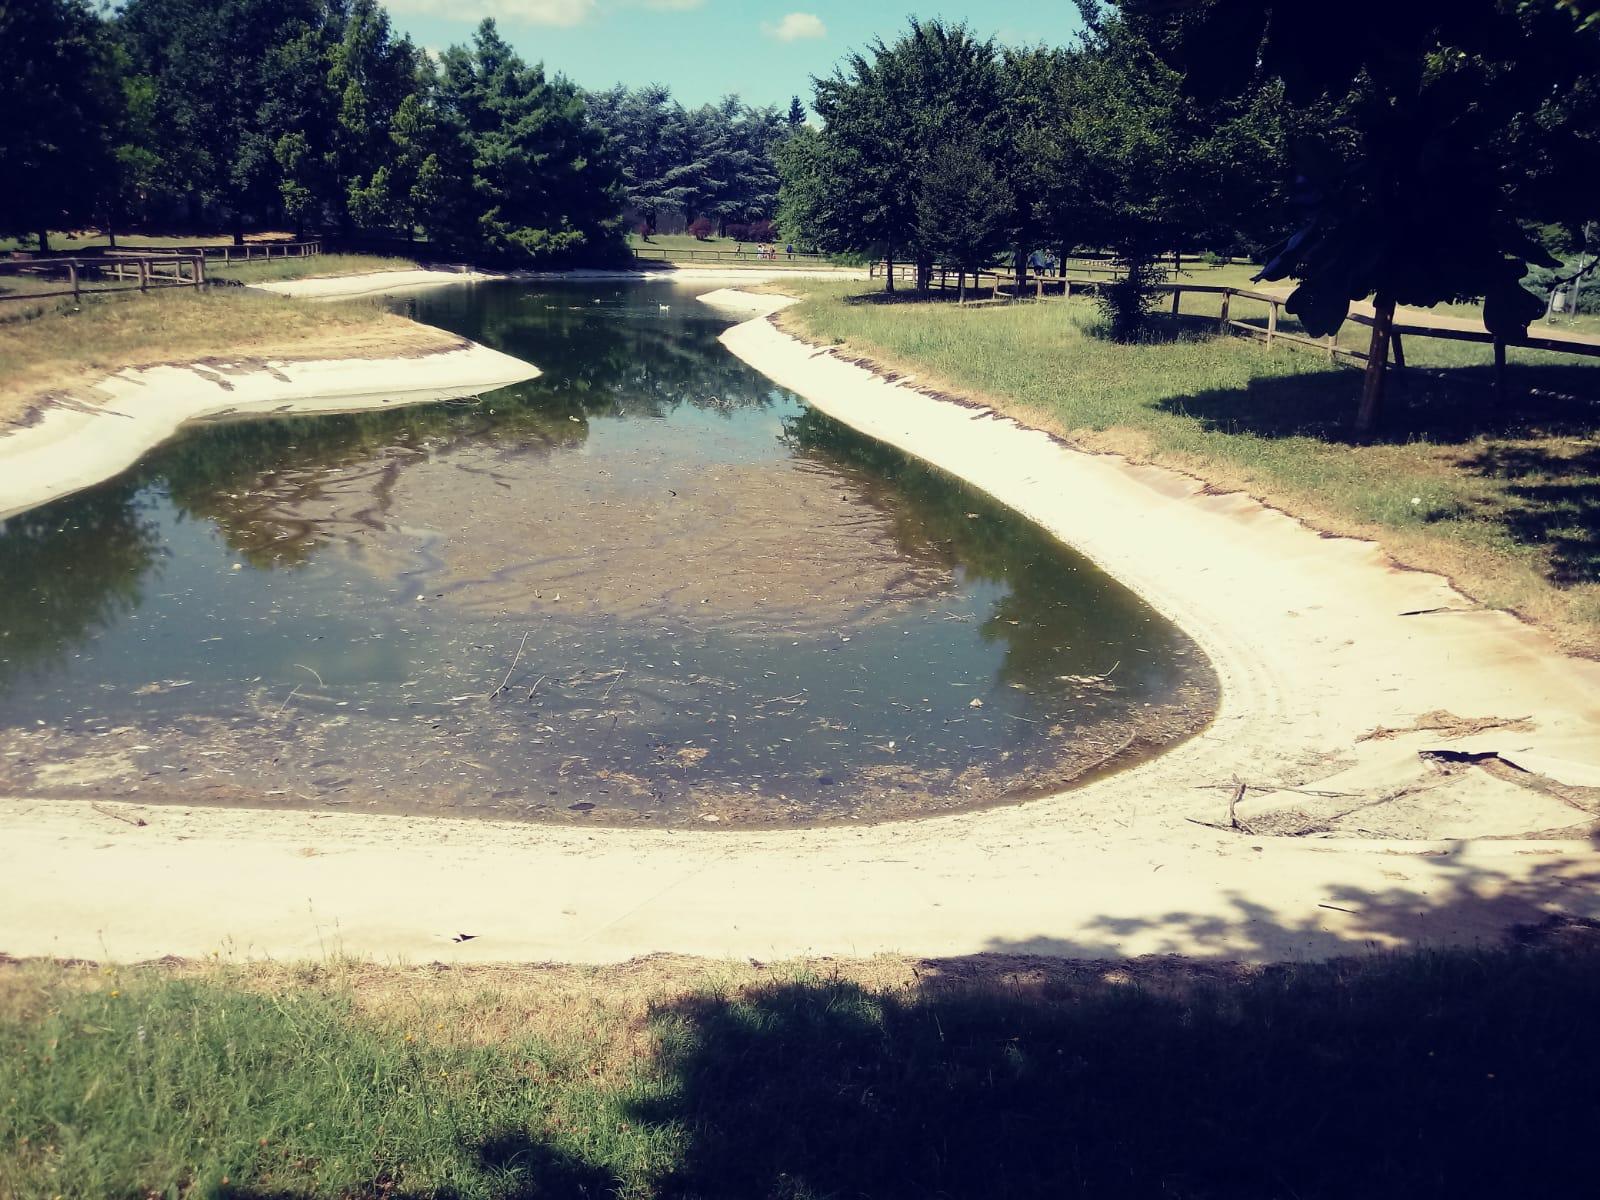 Laghetto Parco Misericordia_b